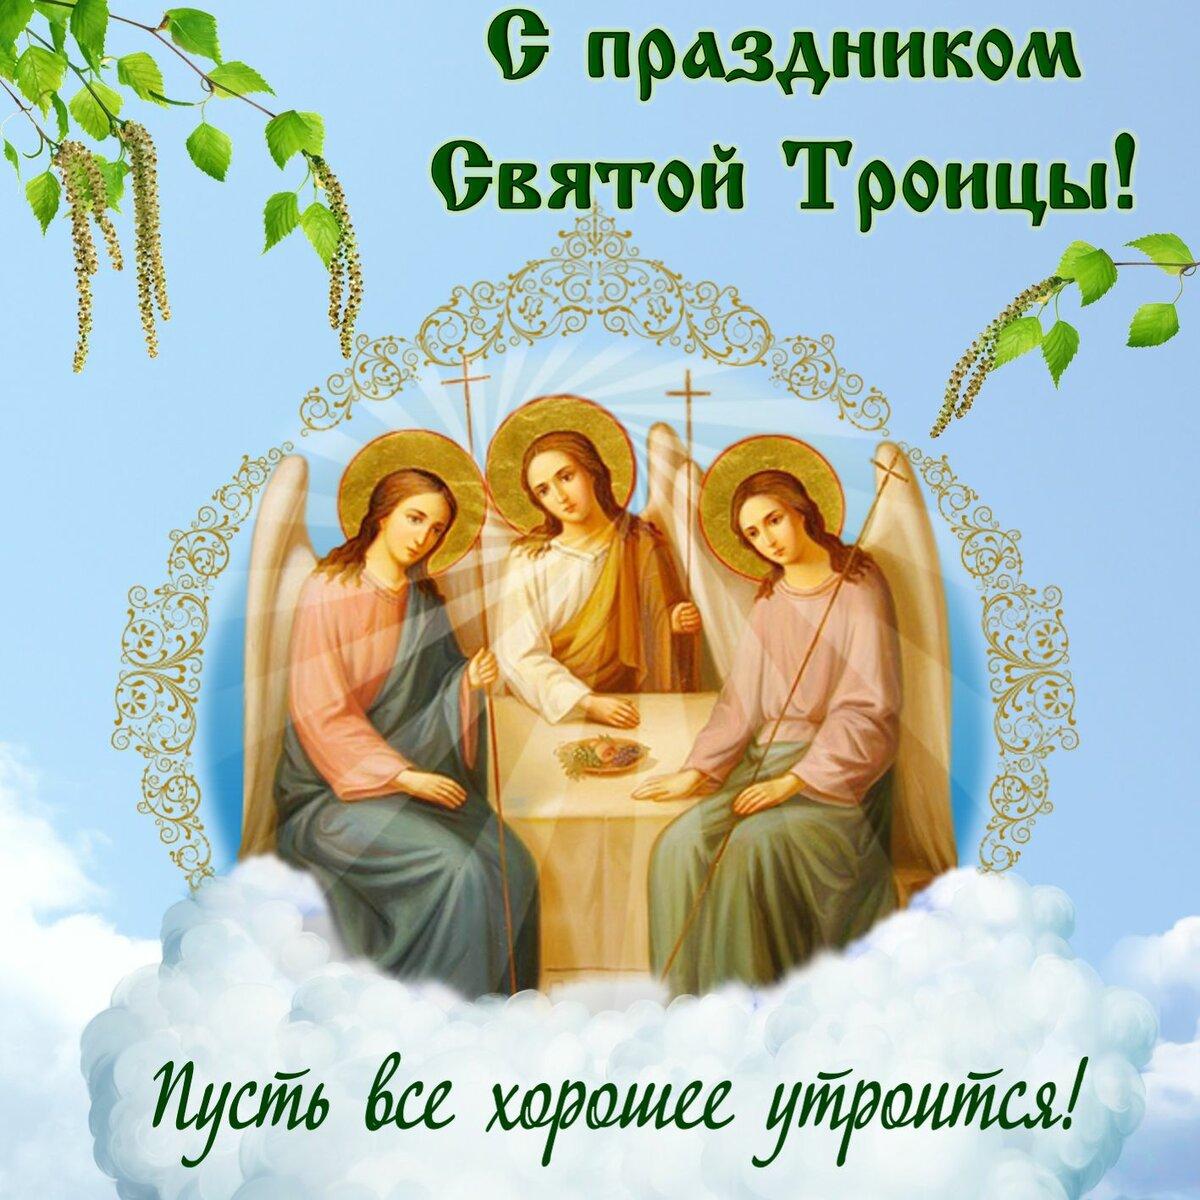 Аниме, святая троица в открытках